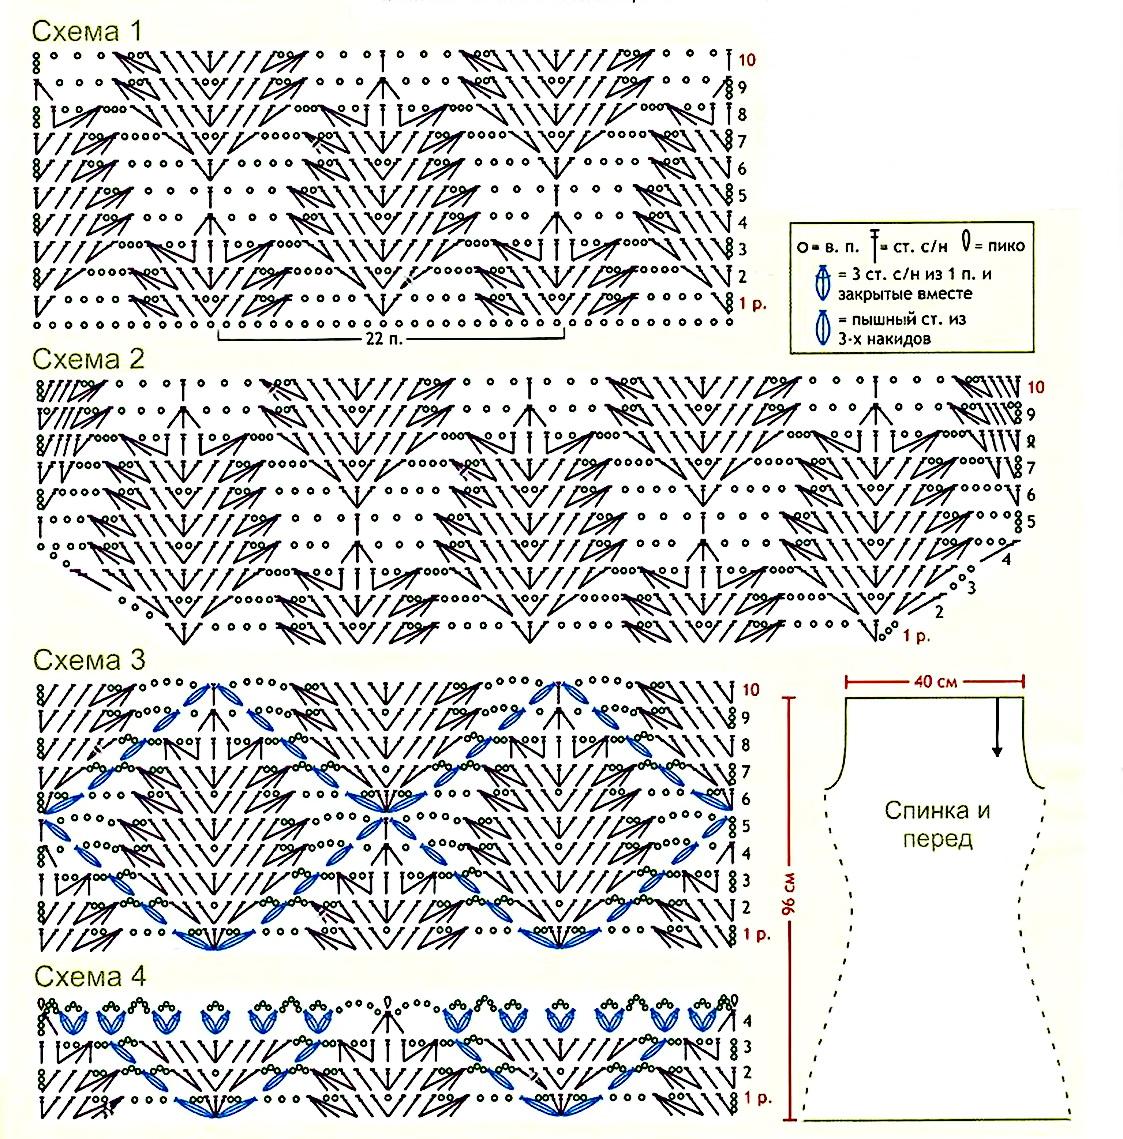 Как сделать переадресацию на один номер билайн